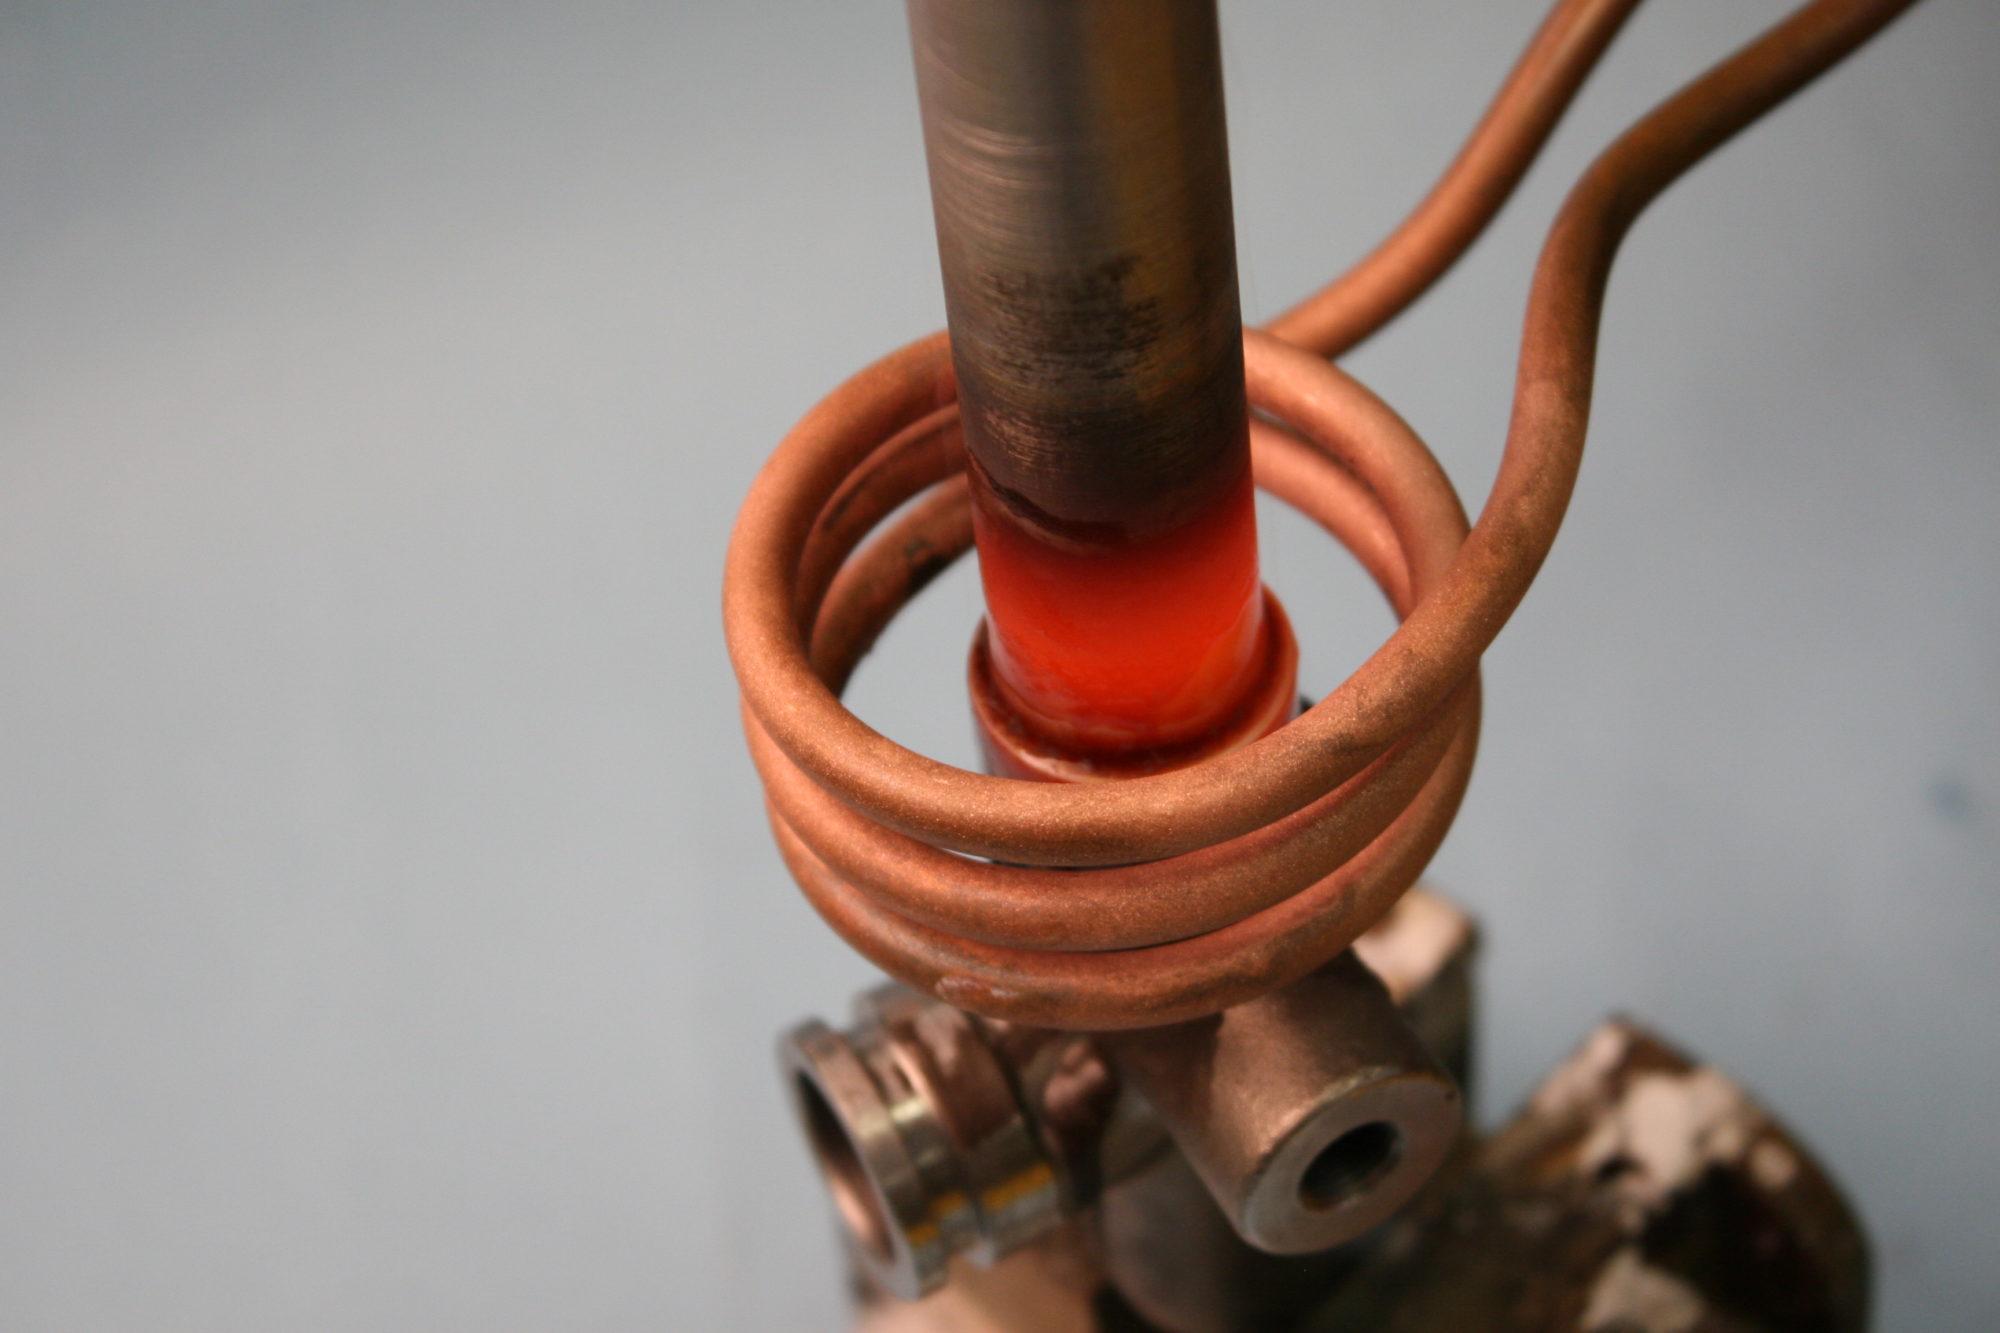 Snel, efficient en contactloos verwarmen door middel van inductie